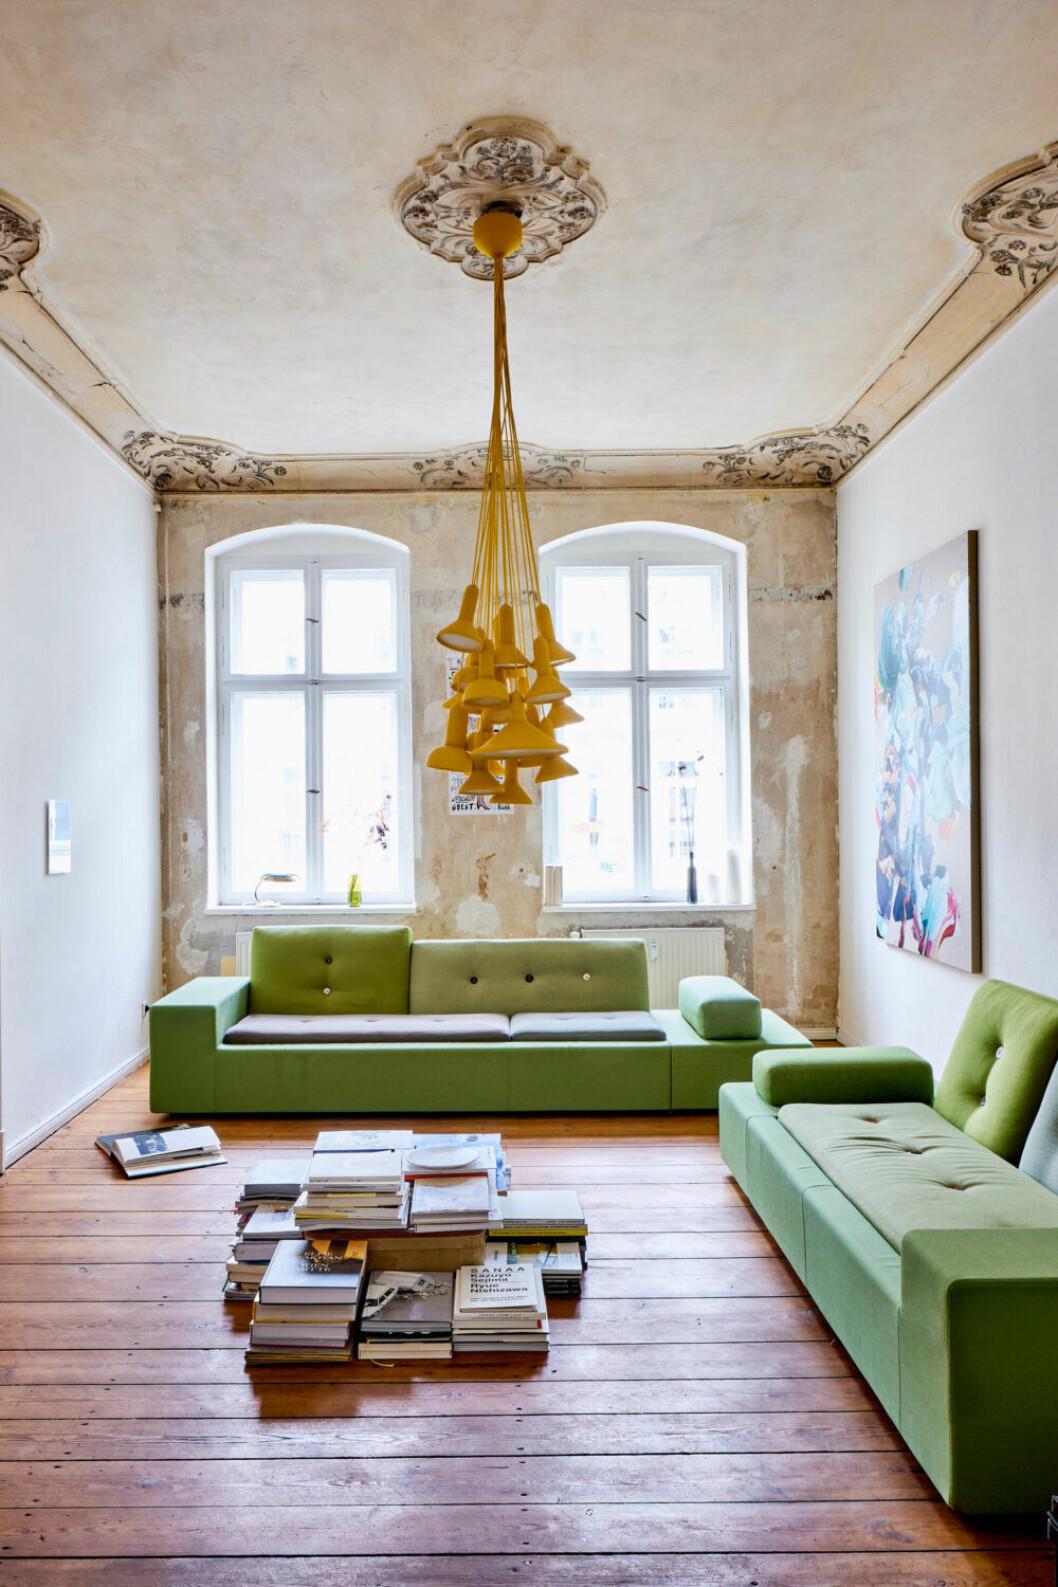 Gröna sofforna Polder av Hella Jongerius för Vitra i vardagsrummet i Berlin